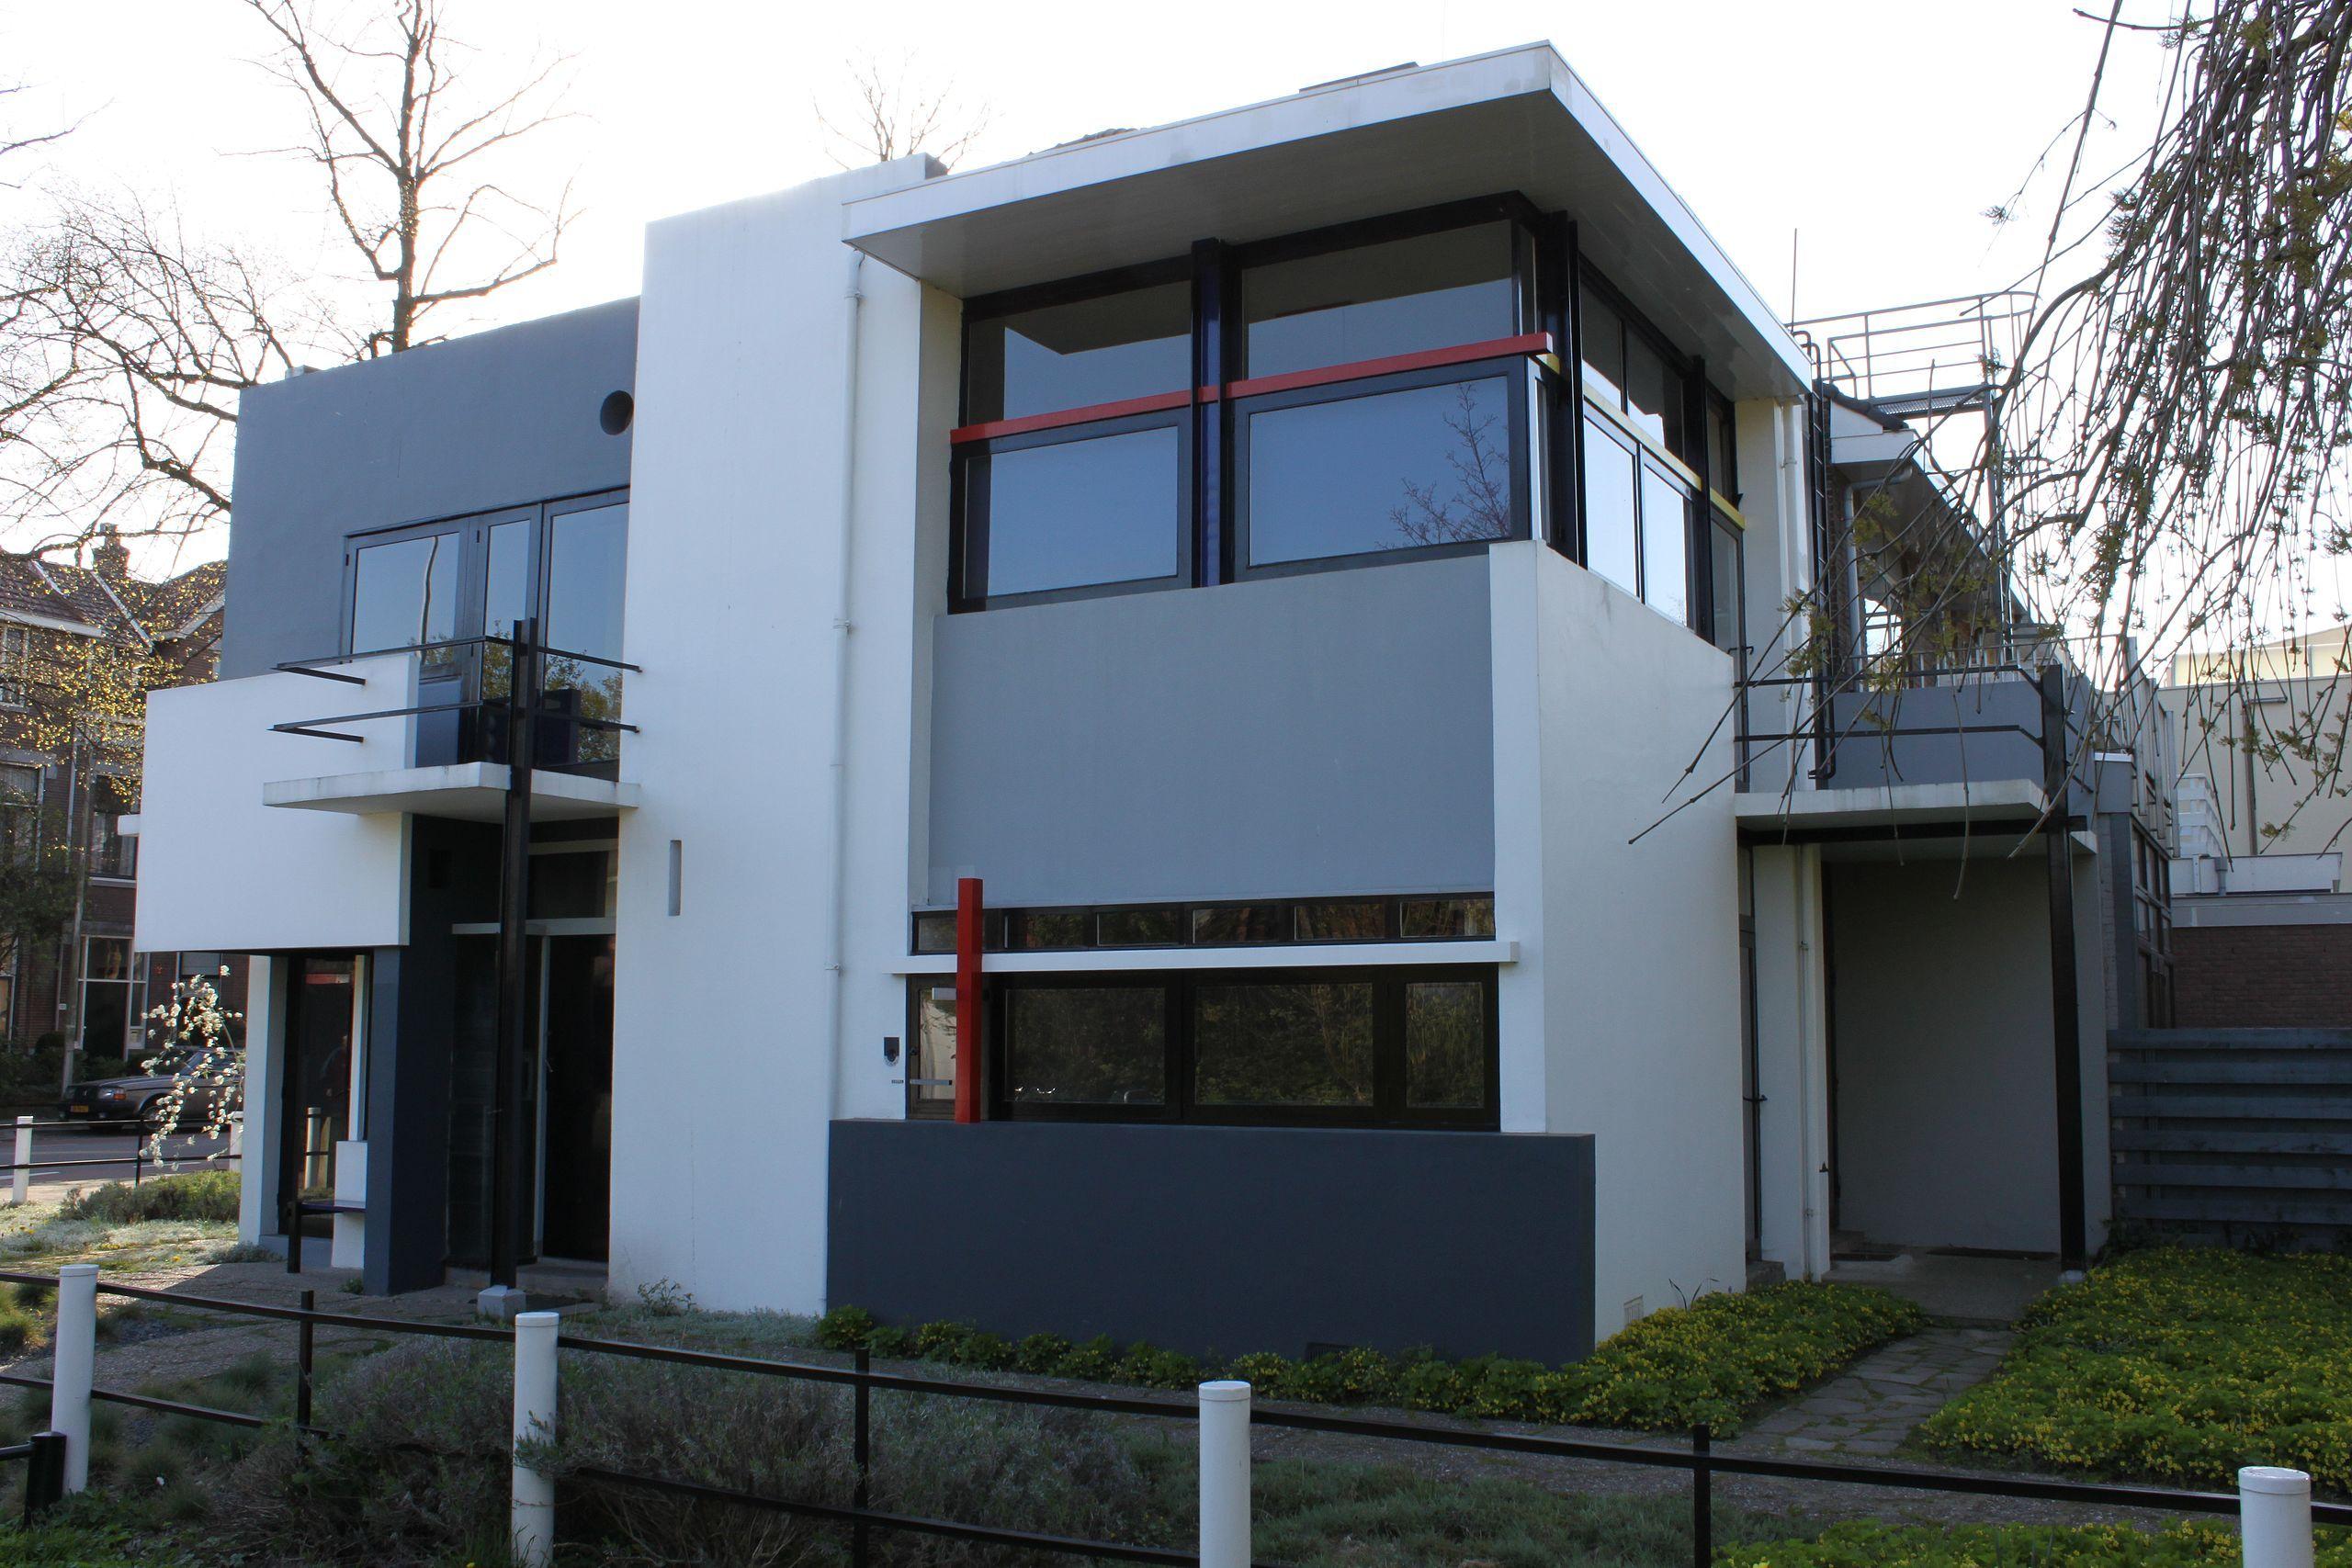 Rietveld Schröder Haus Neue Architektur Schroder House